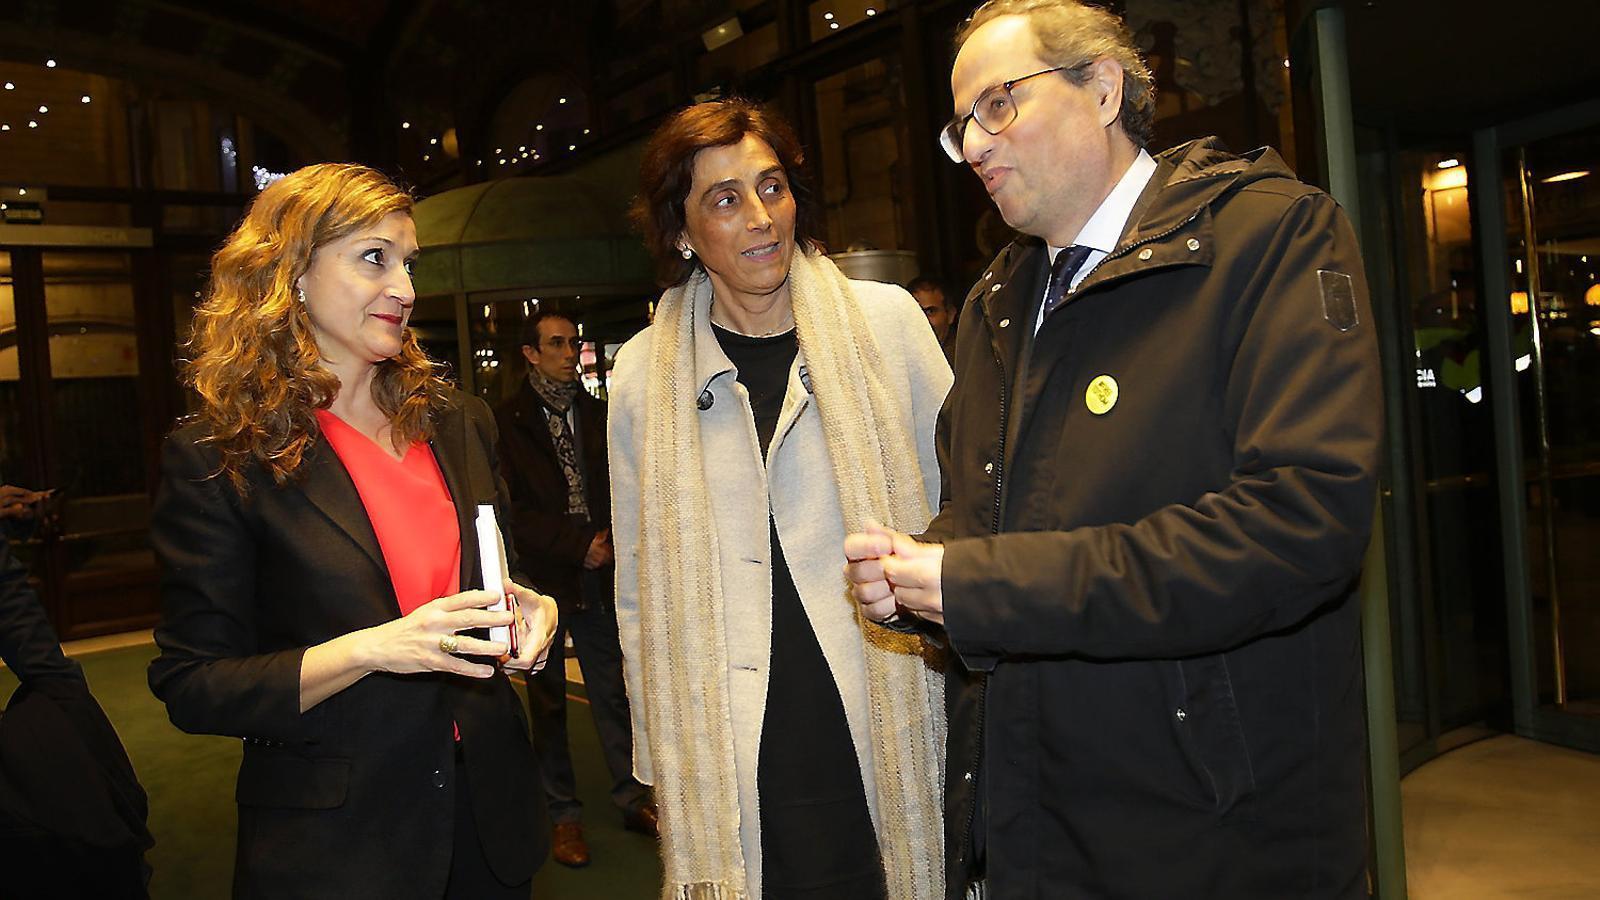 La directora de l'ARA, Esther Vera, conversant amb el president de la Generalitat, Quim Torra, i la seva dona, Carola Miró, durant la Nit de l'ARA.